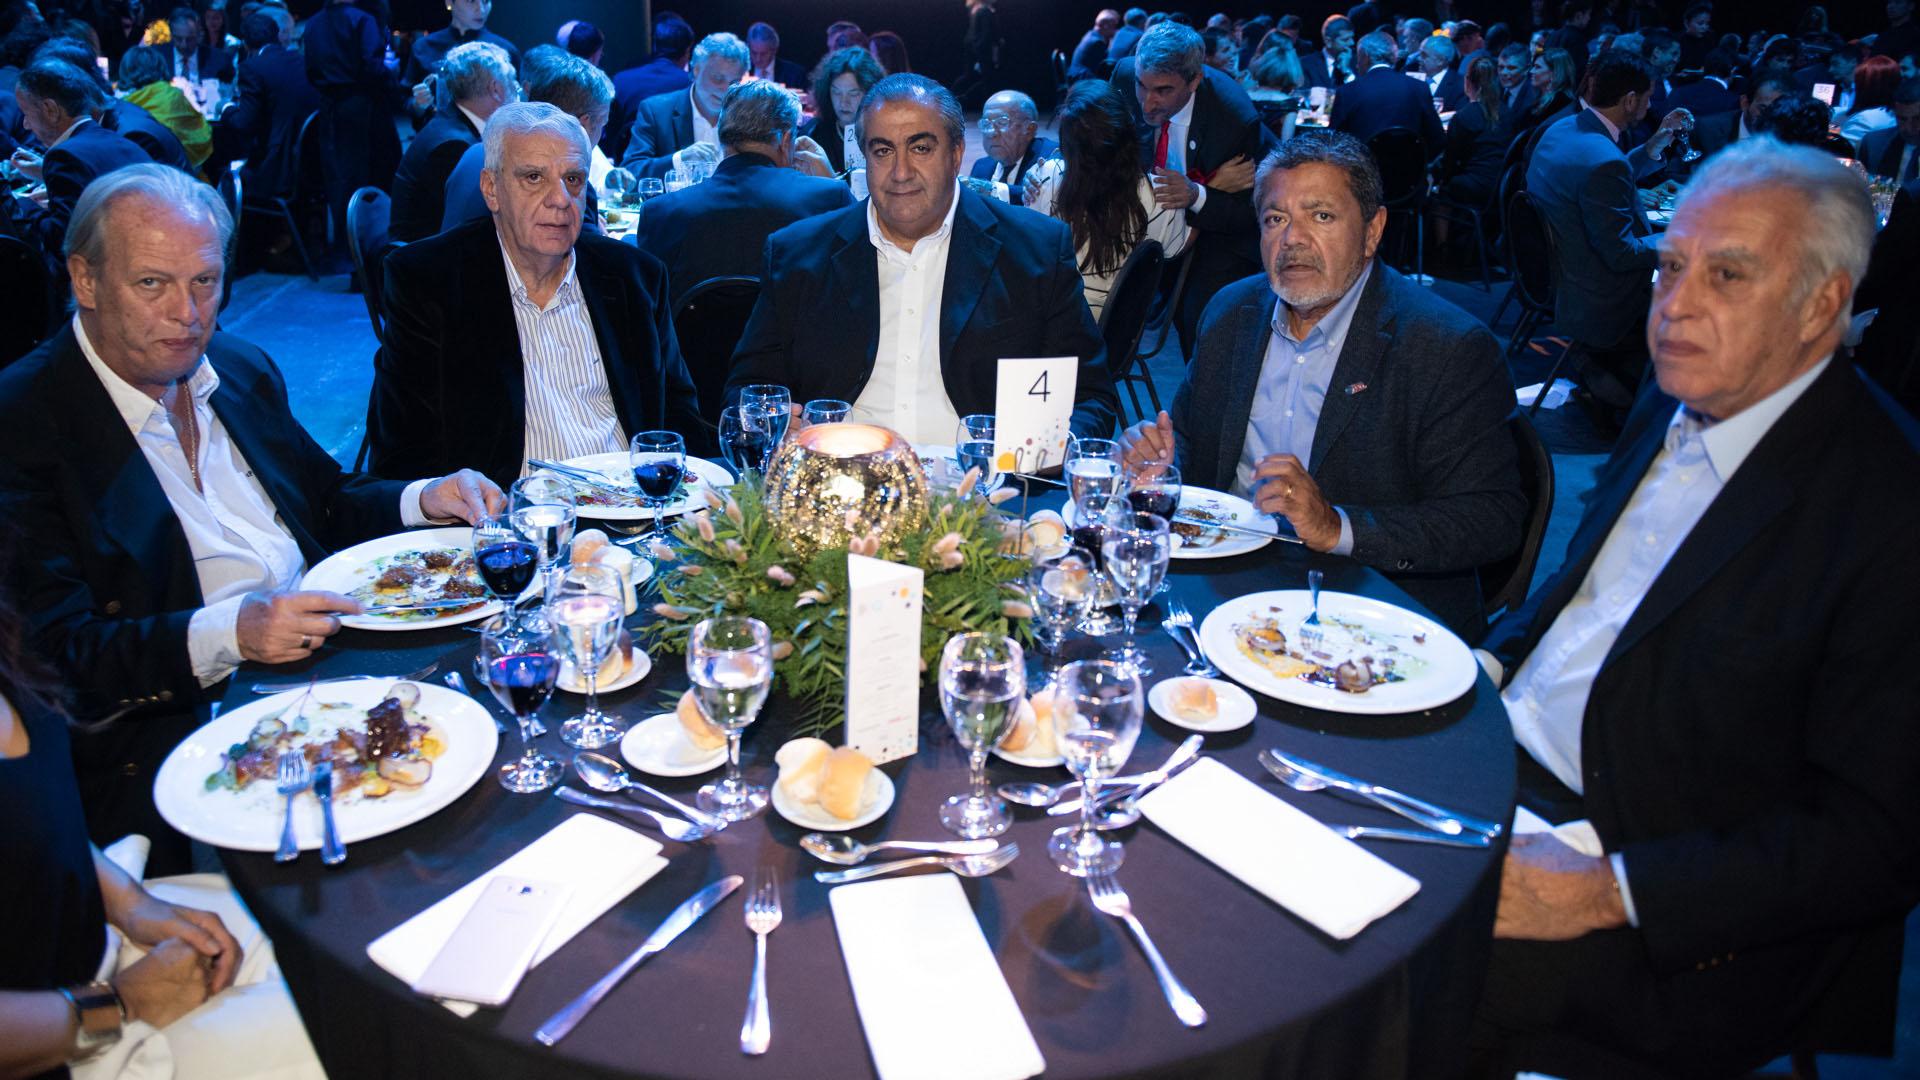 Andrés Rodríguez (UPCN), José Luis Lingeri (Obras Sanitarias), Héctor Daer (Sanidad), Gerardo Martínez (UOCRA) y Carlos Sueiro